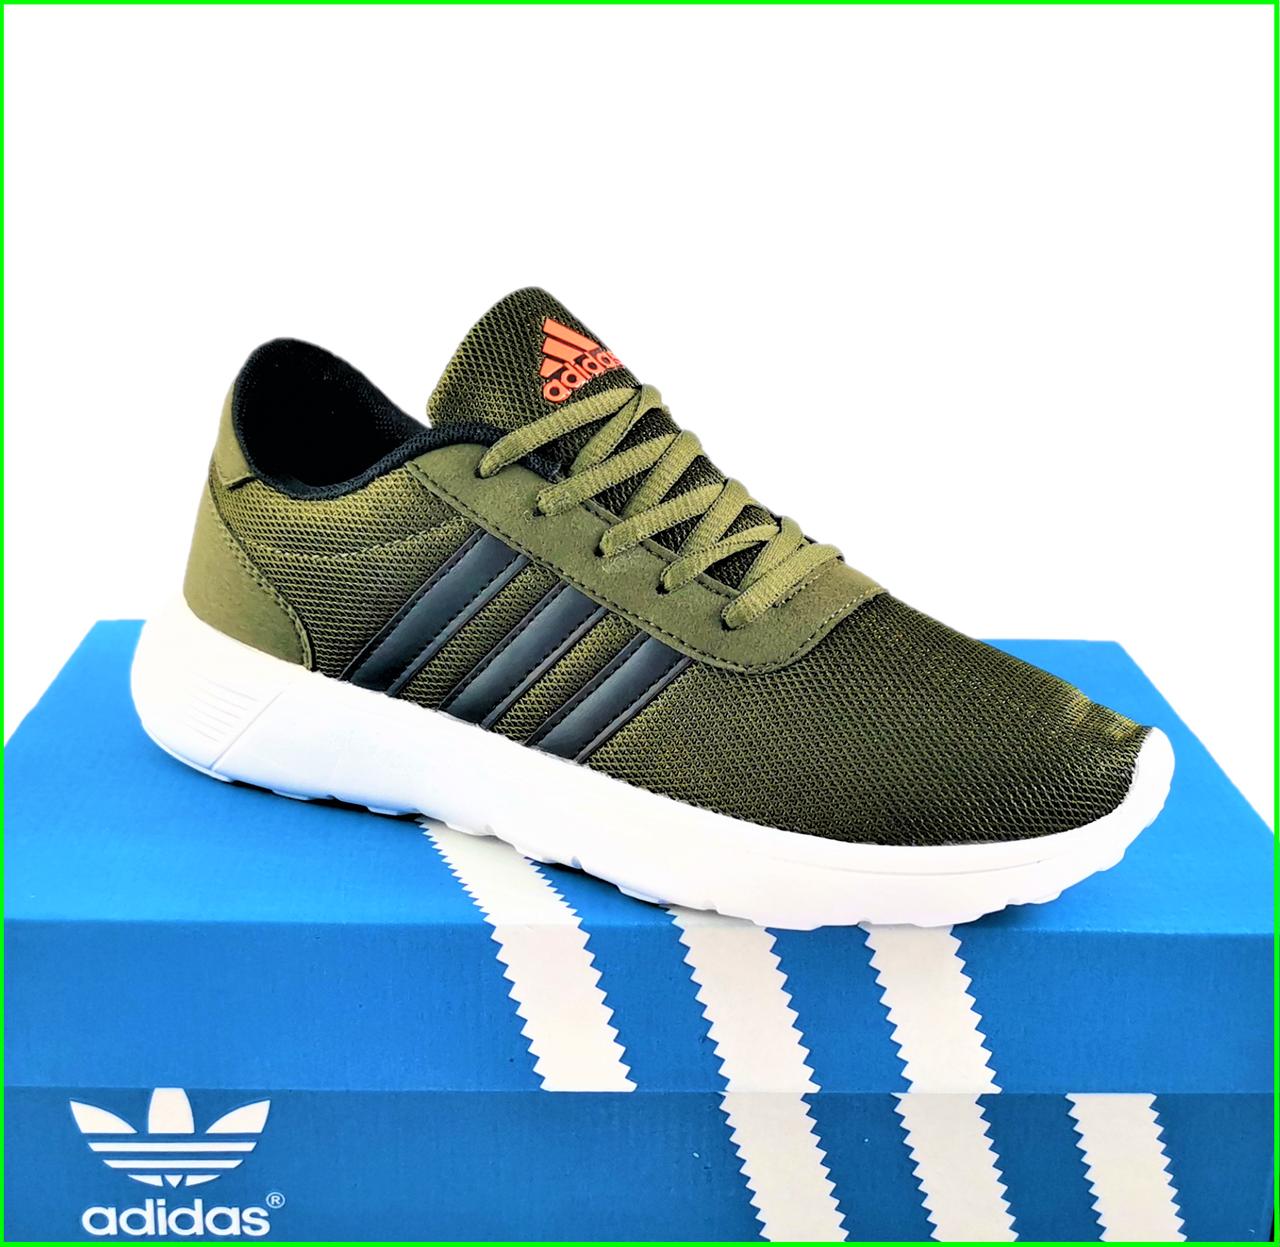 Кроссовки Adidas Мужские Зеленые Хаки Адидас BOOST (размеры: 41,42,43,44)